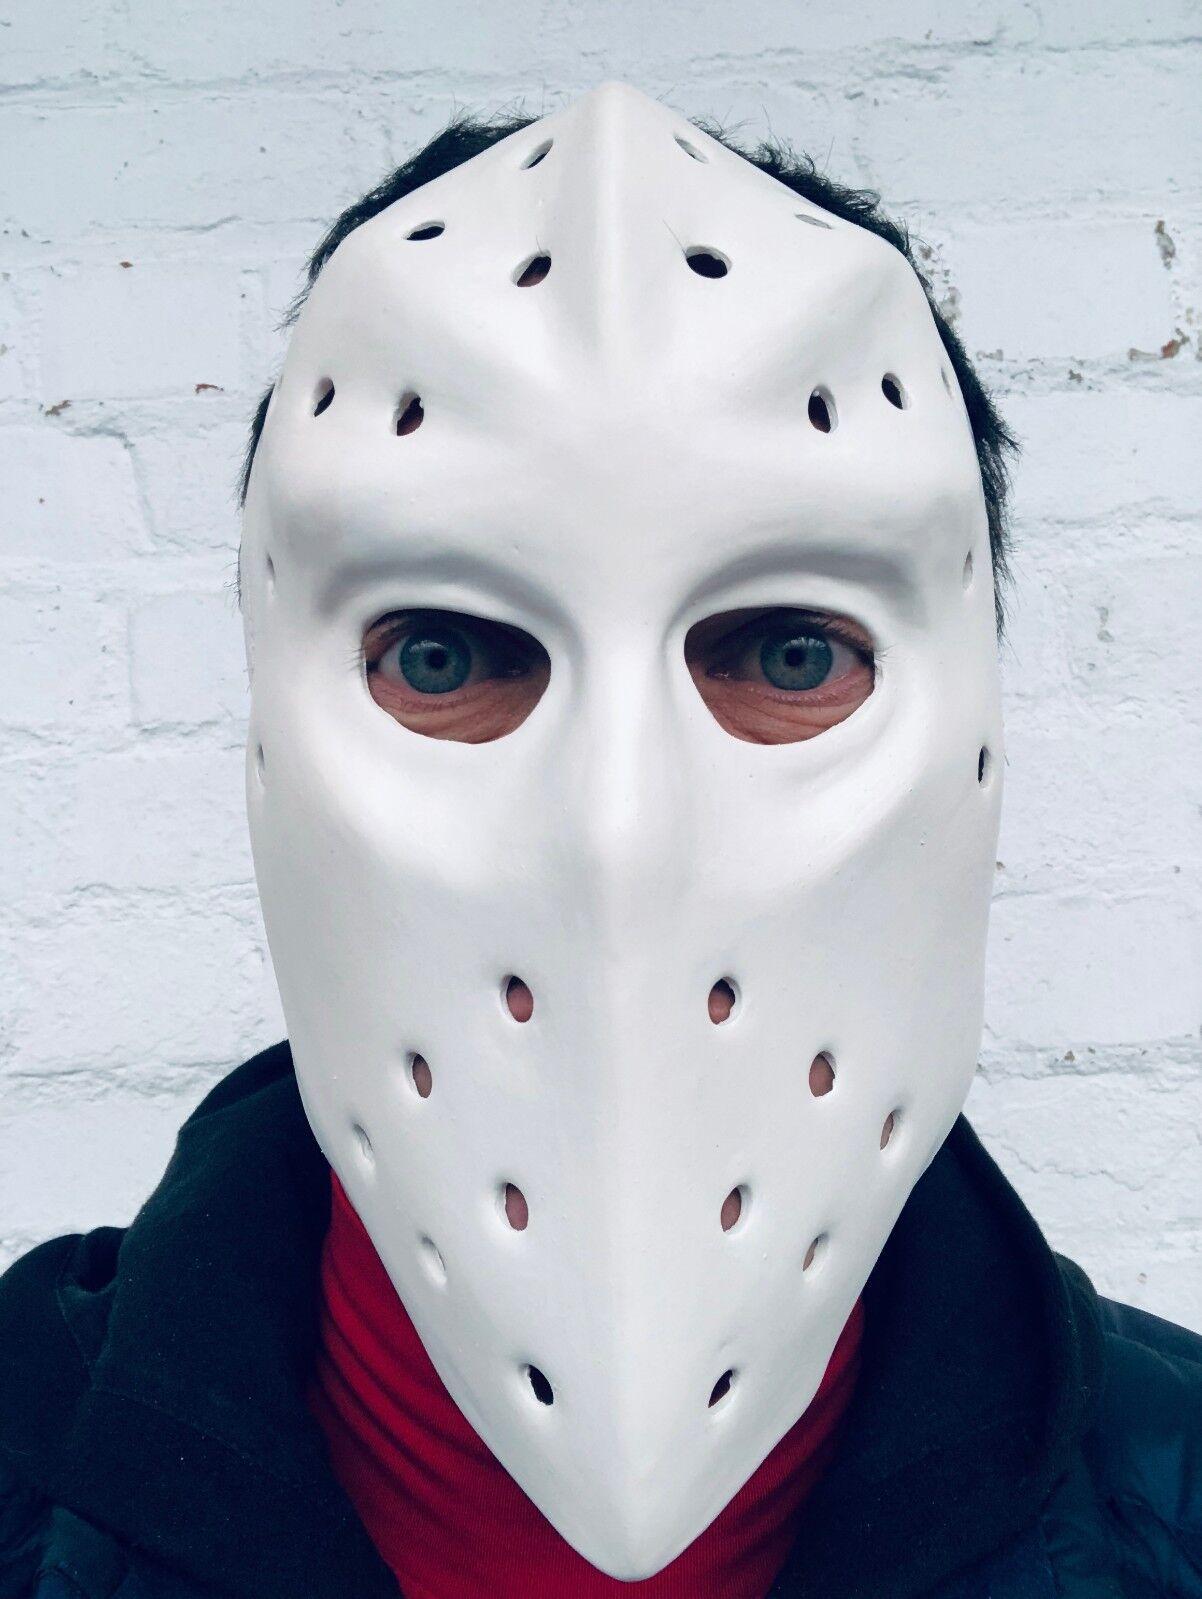 Weiß Hockey Maske Jason Hitze Ufer Räuber Heist Halloween Kostüm Masken Friday